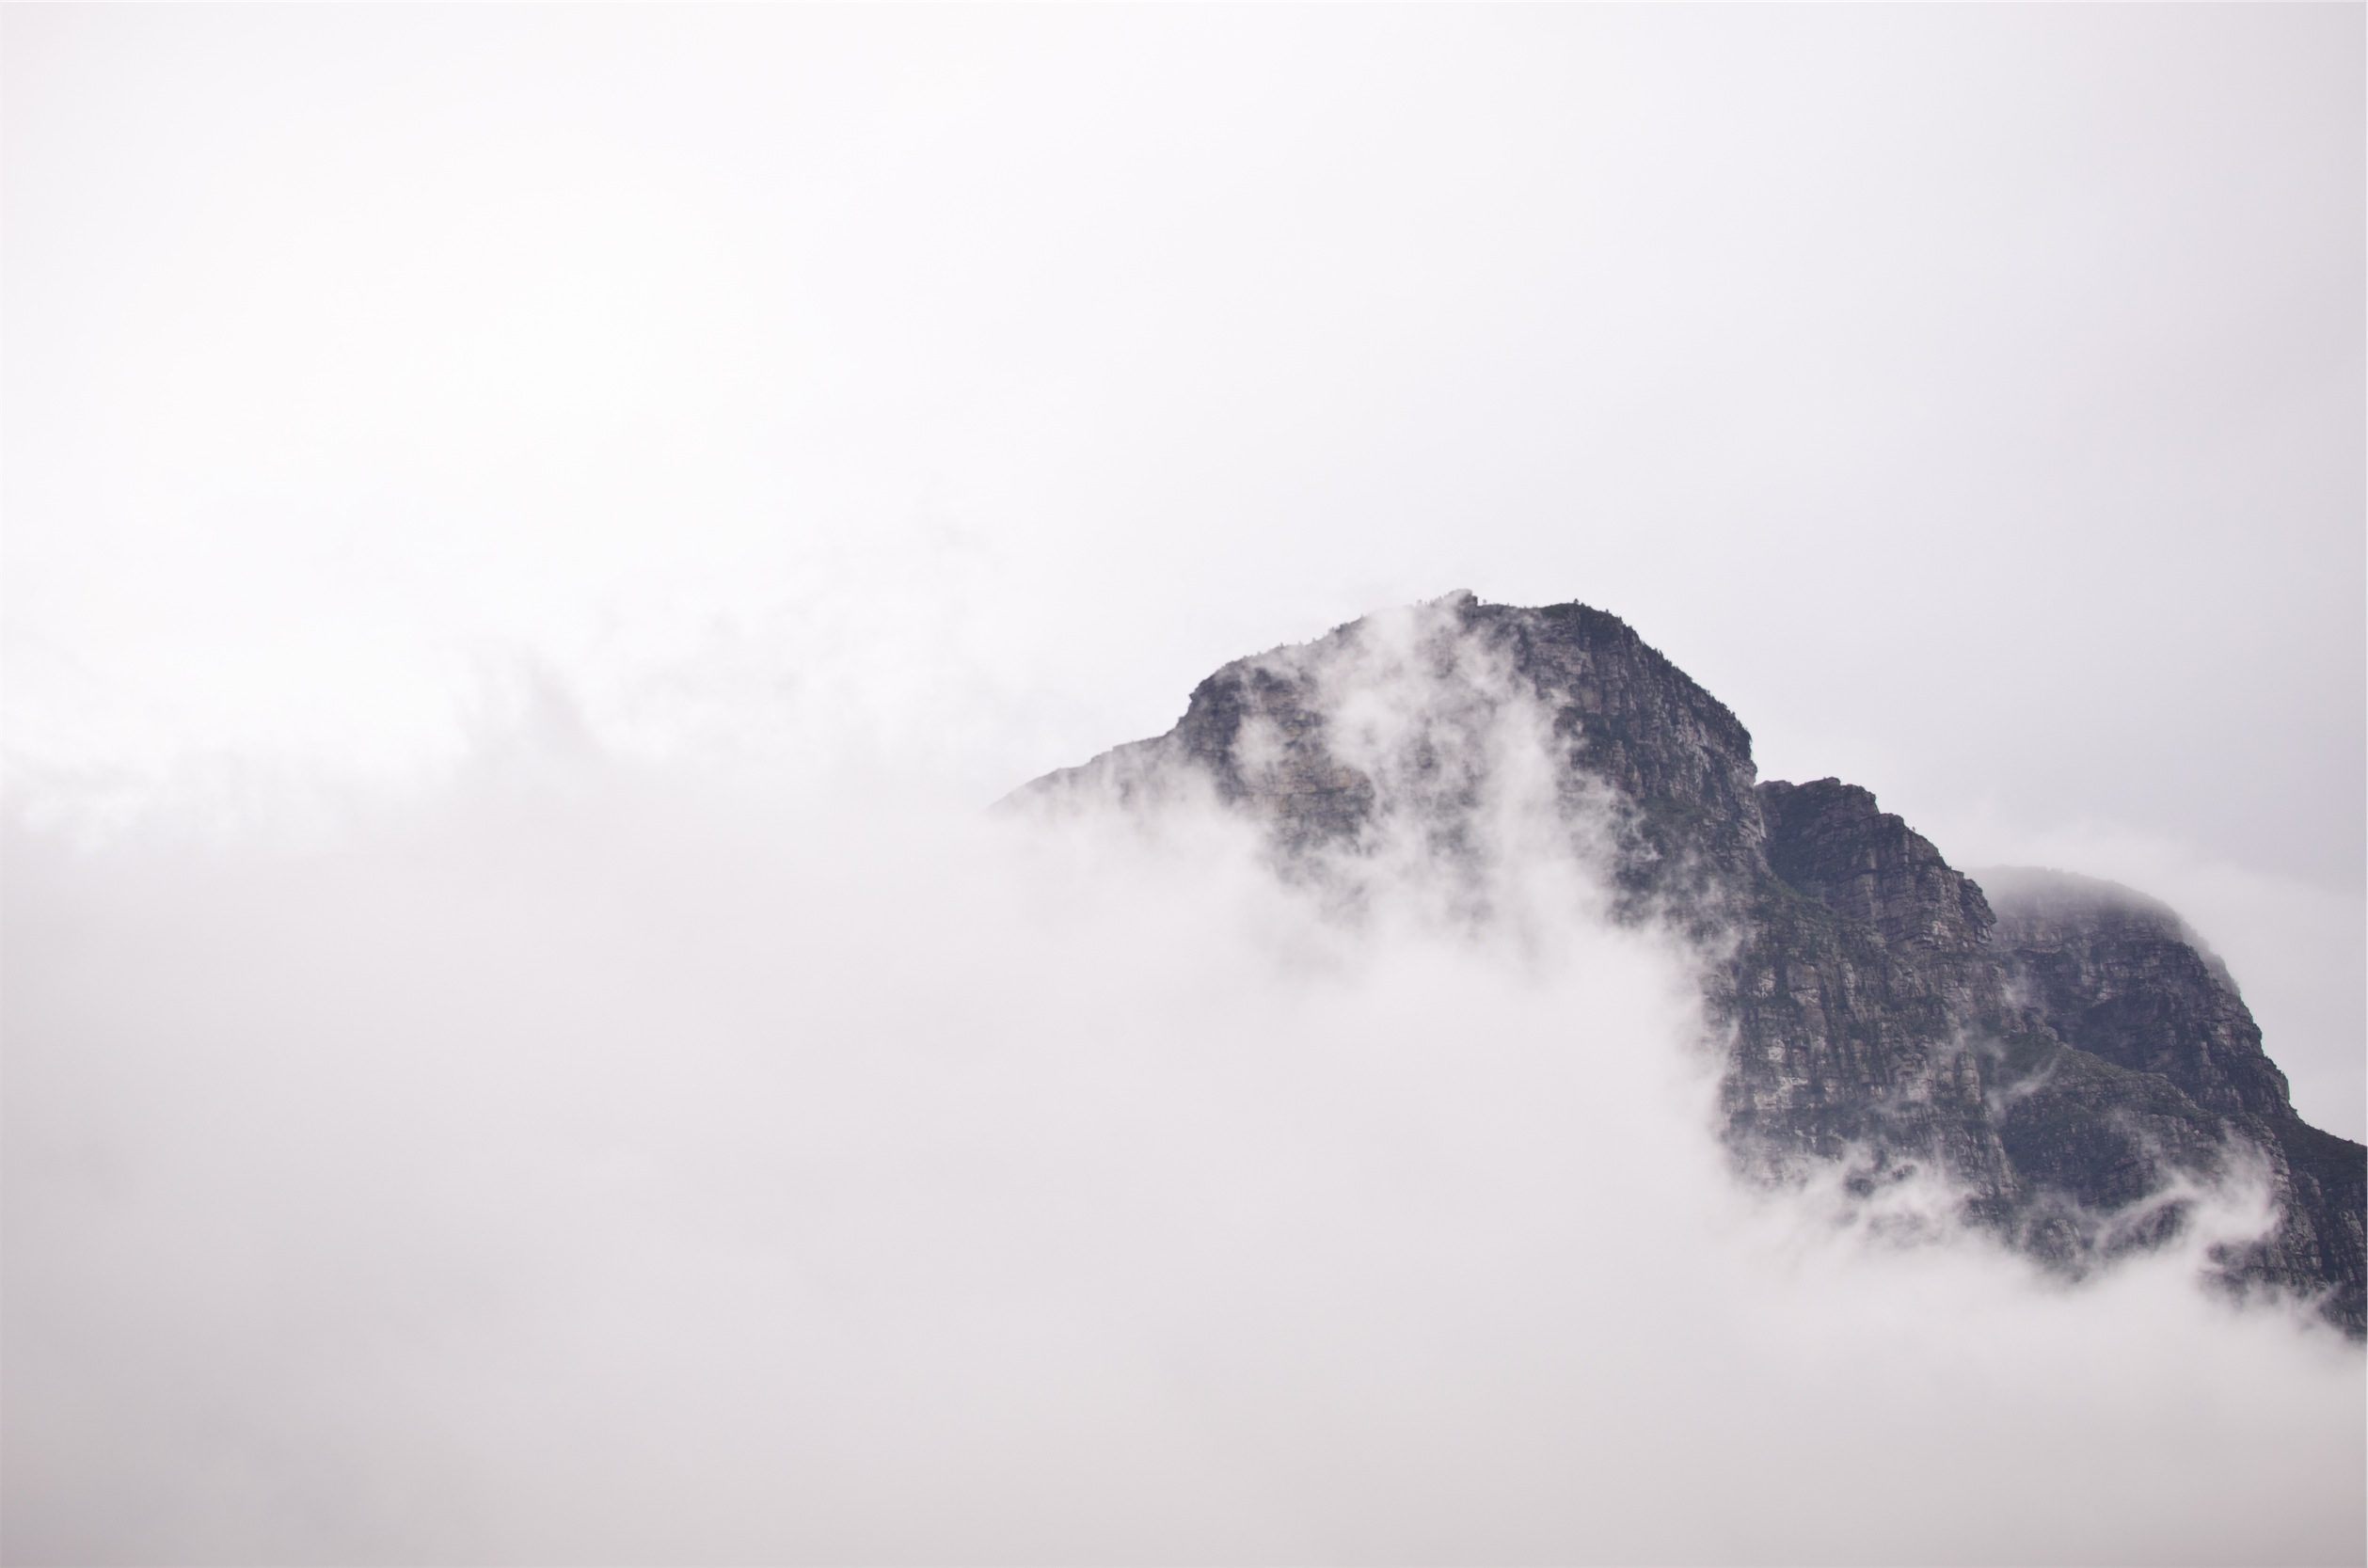 Montagne, PIC, Retour au début, nuages, brouillard - Fonds d'écran HD - Professor-falken.com